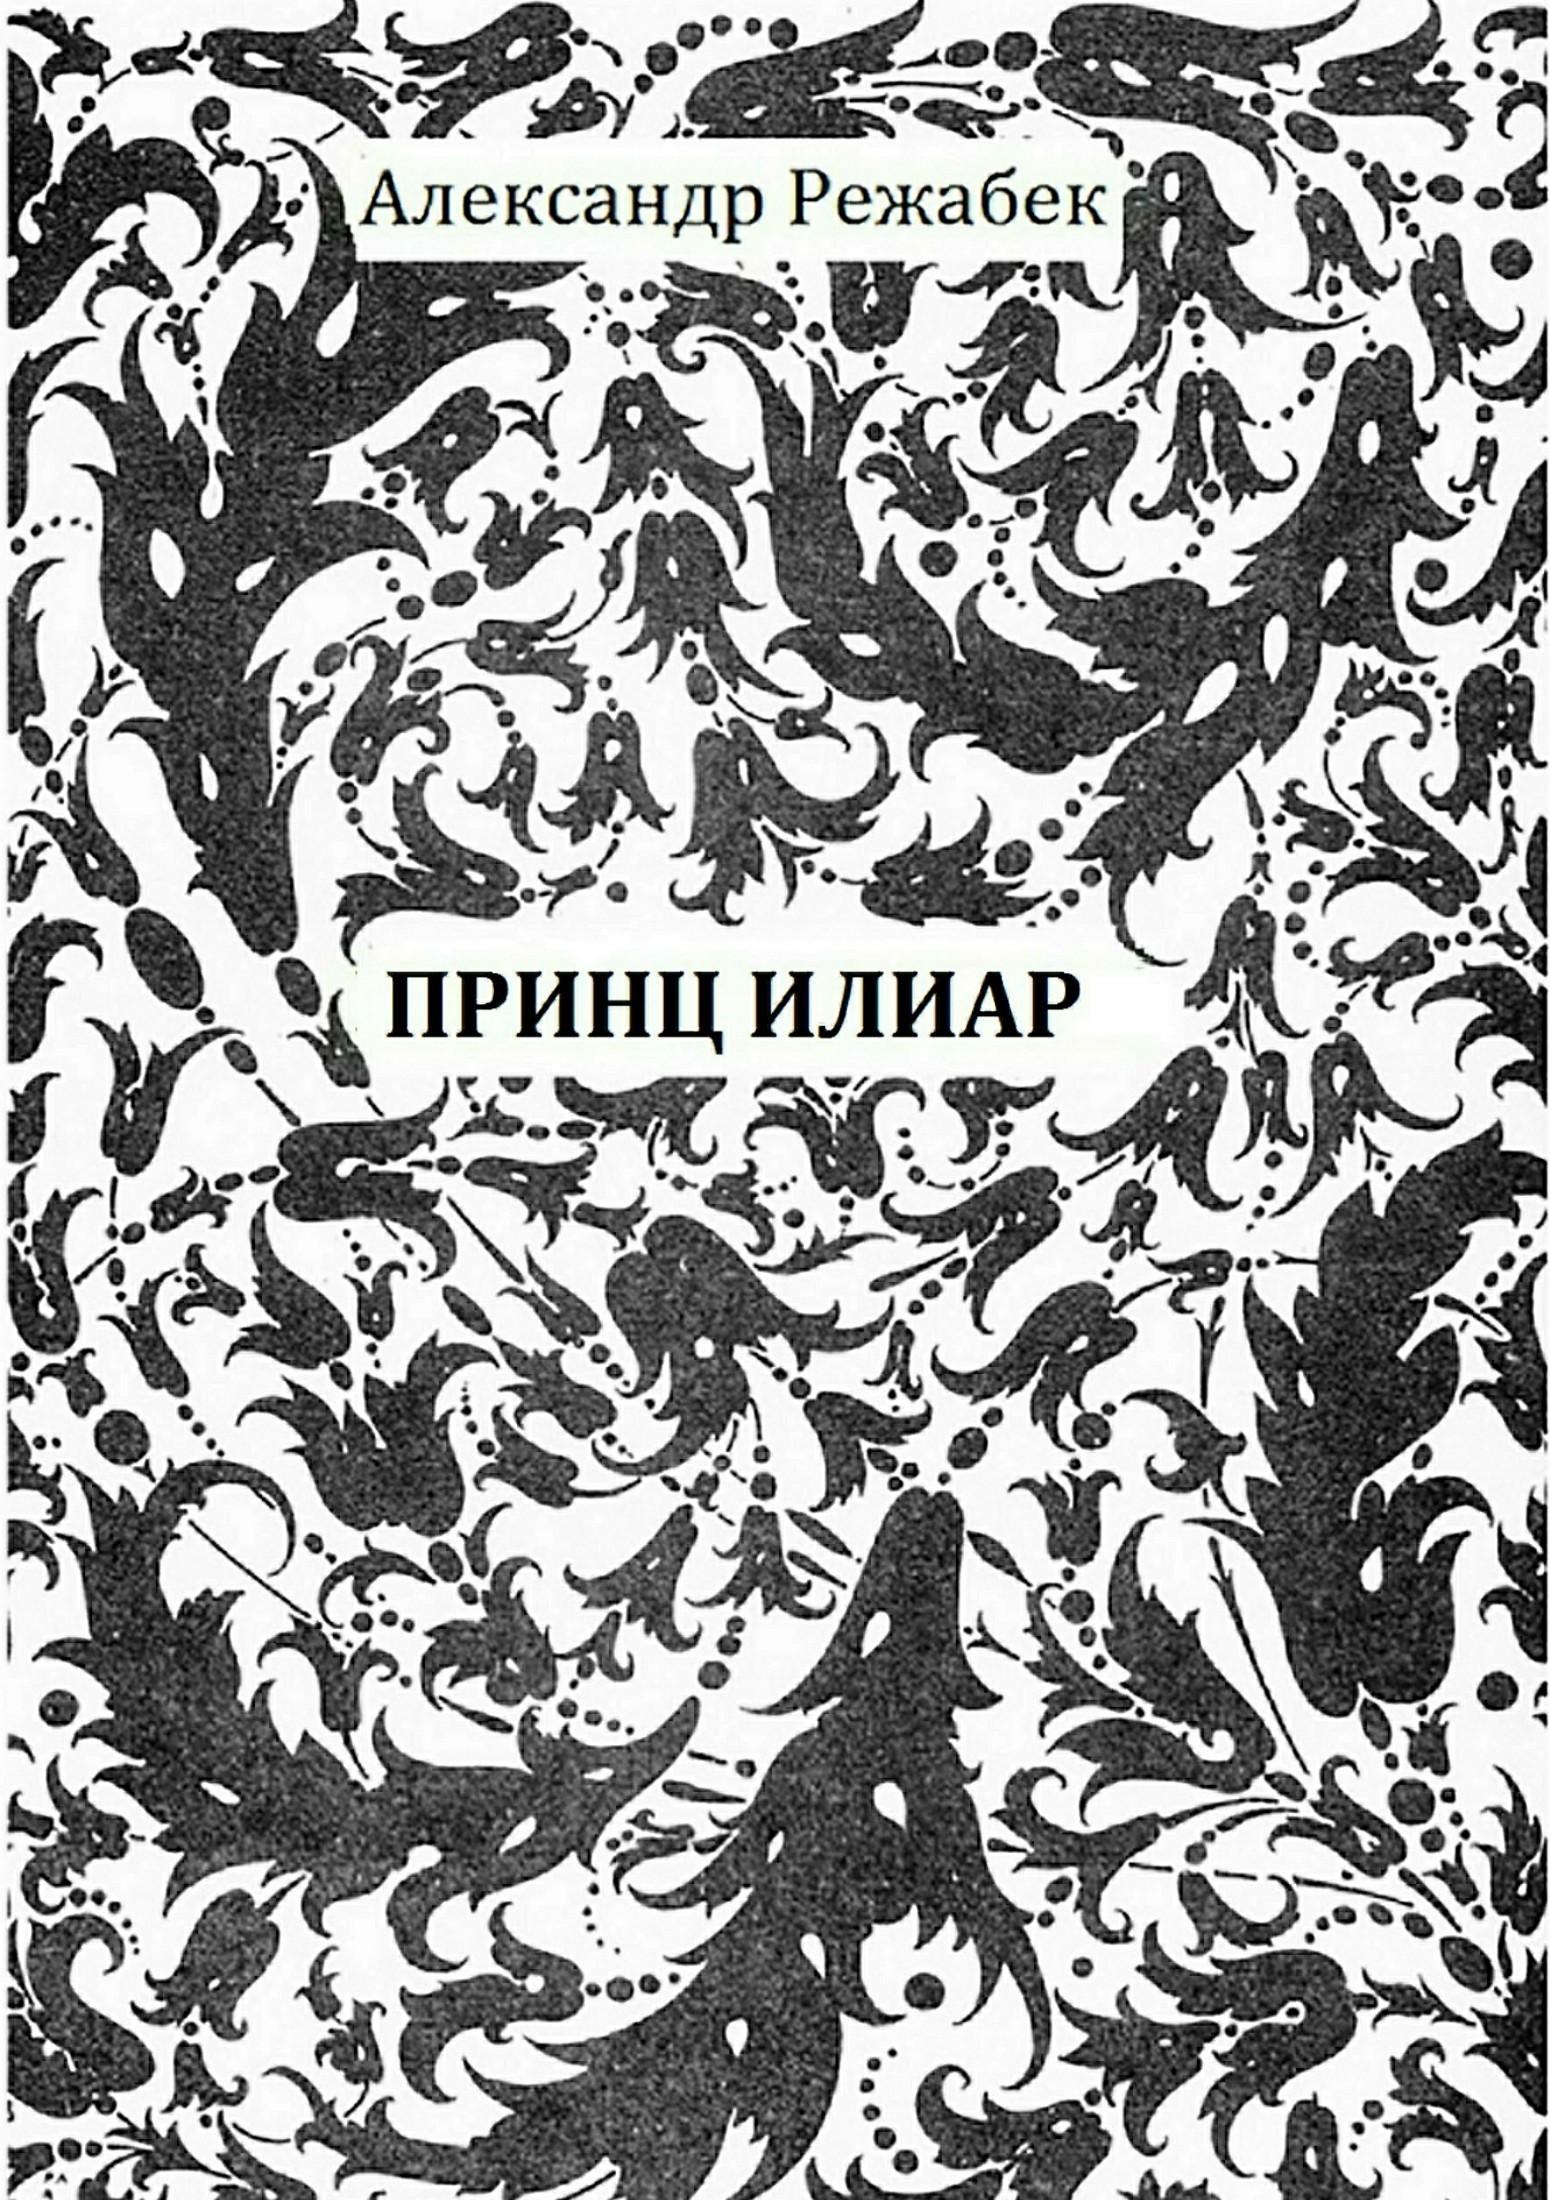 Александр Евгеньевич Режабек. Принц Илиар